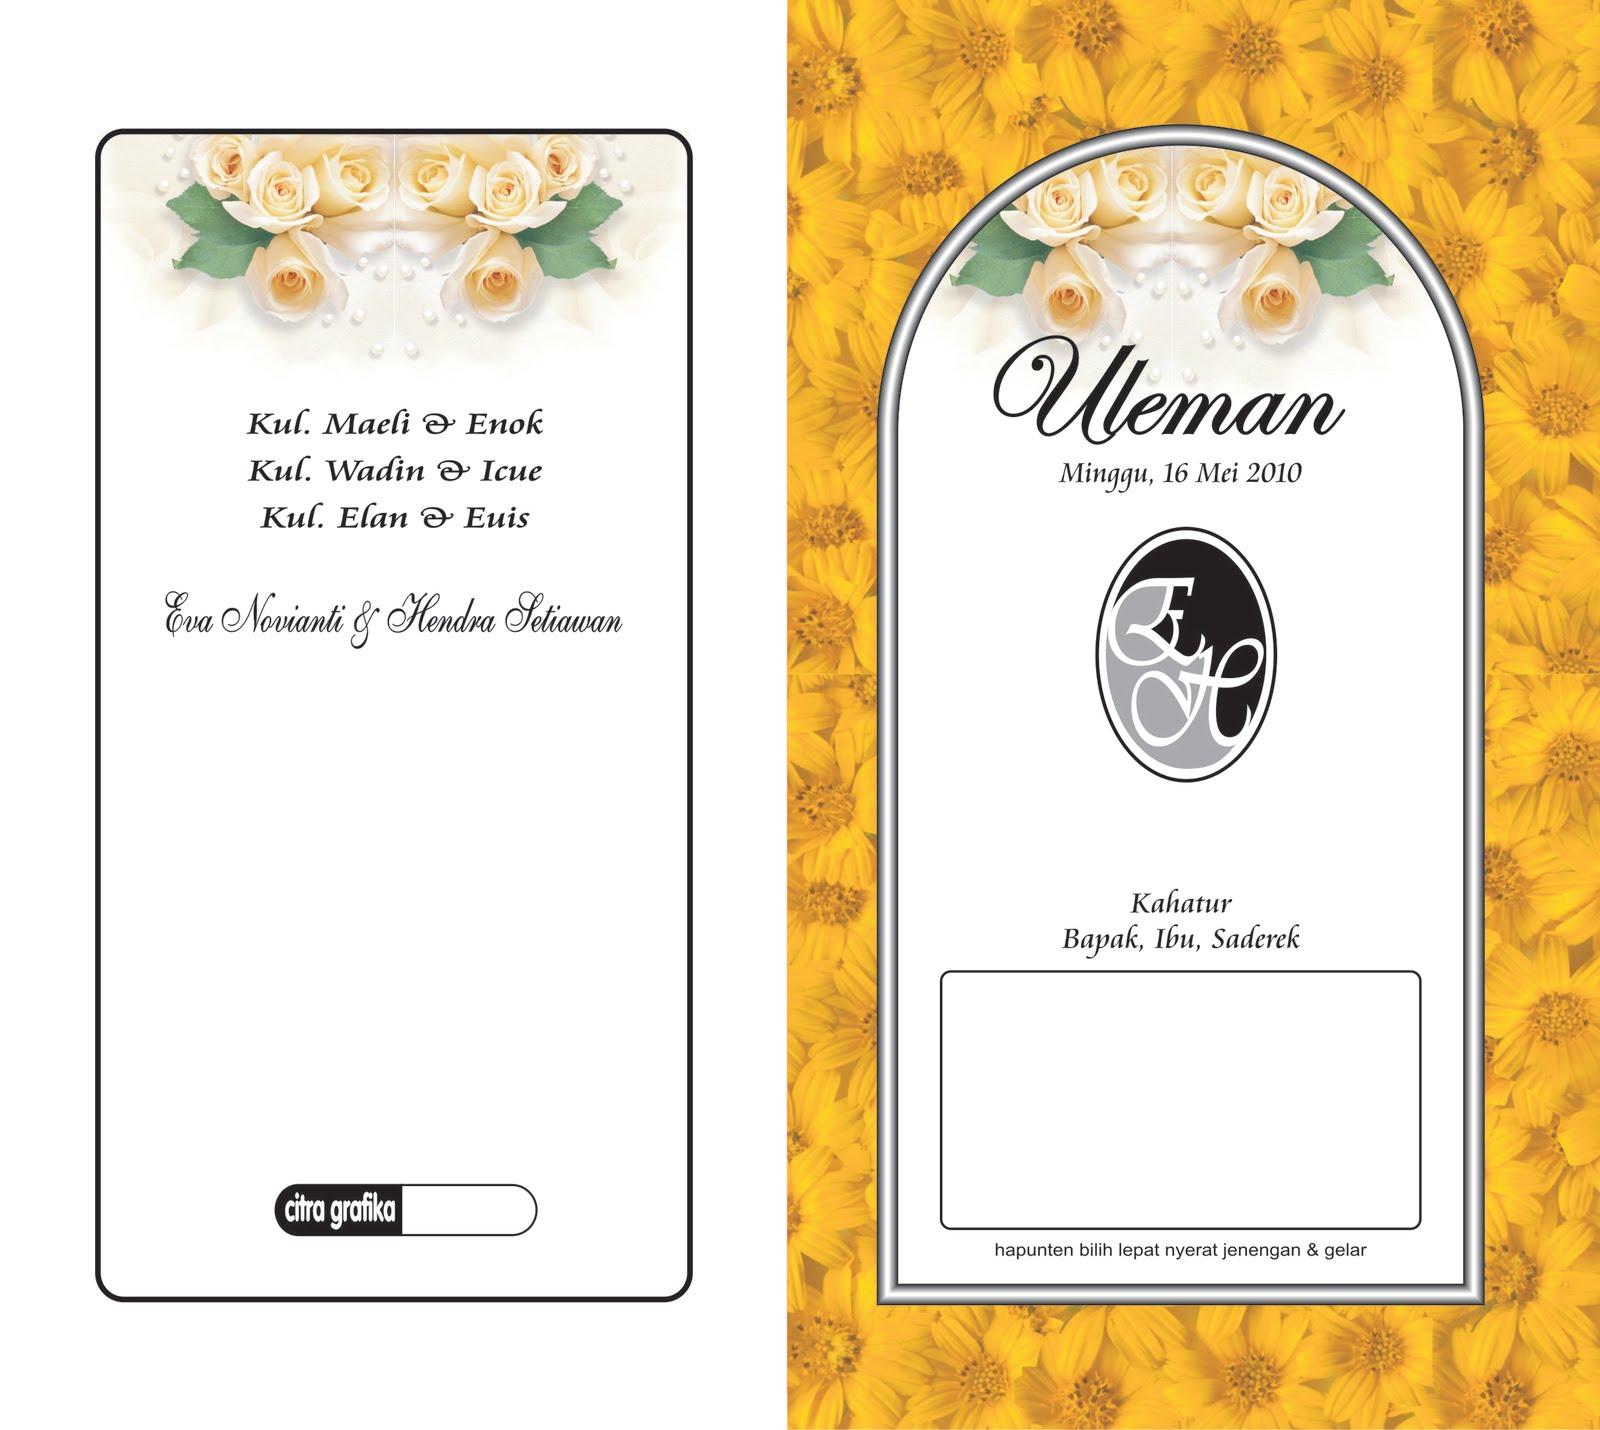 undangan pernikahan 2 undangan pernikahan 2